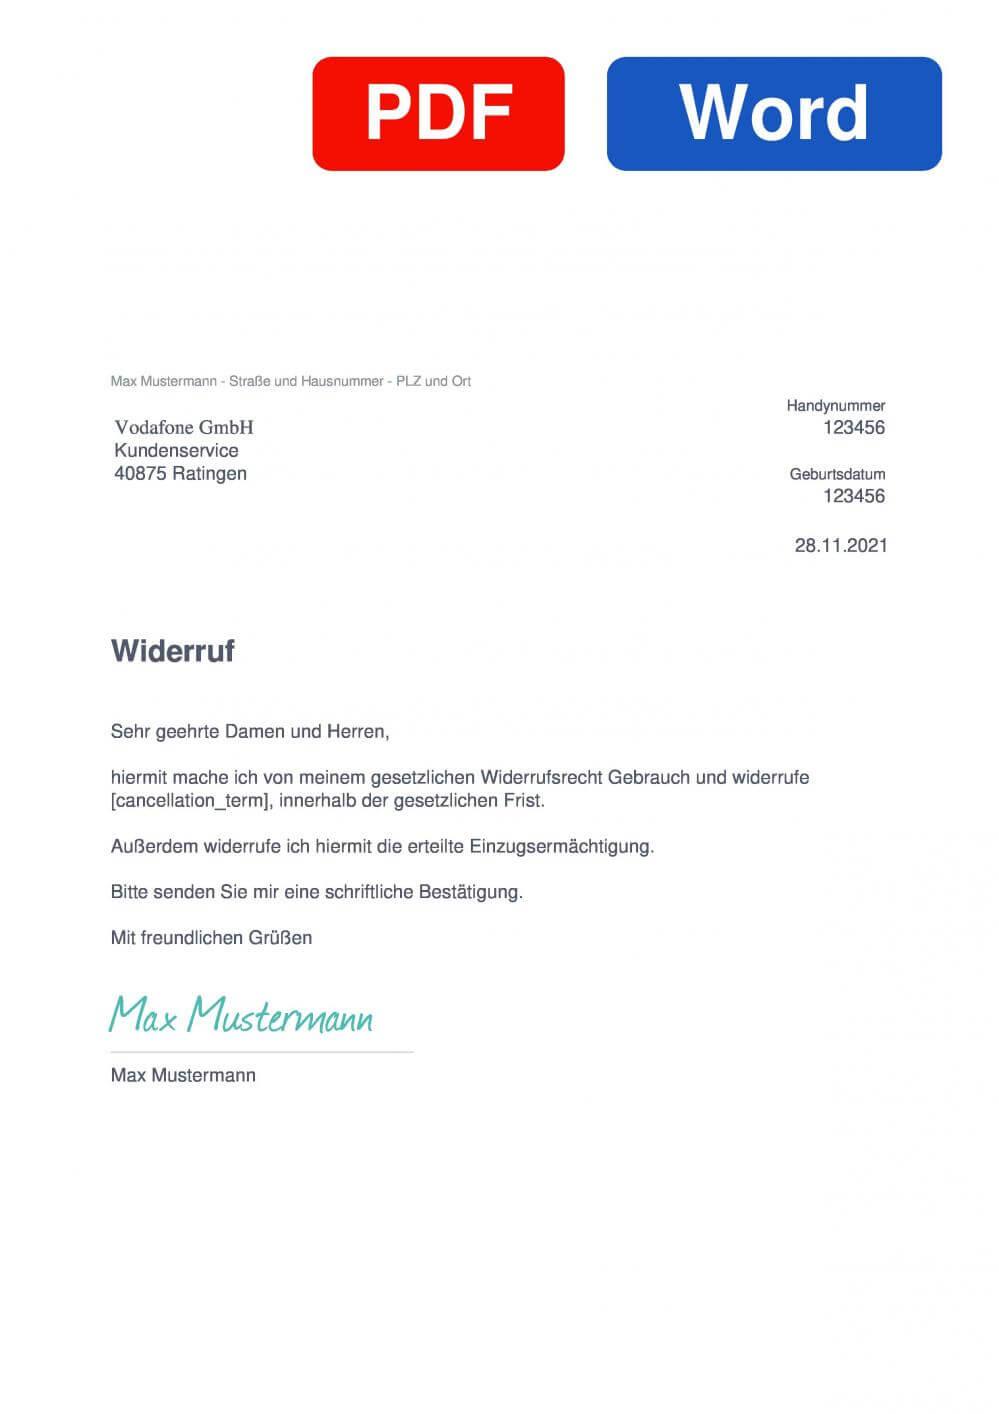 Vodafone Muster Vorlage für Wiederrufsschreiben